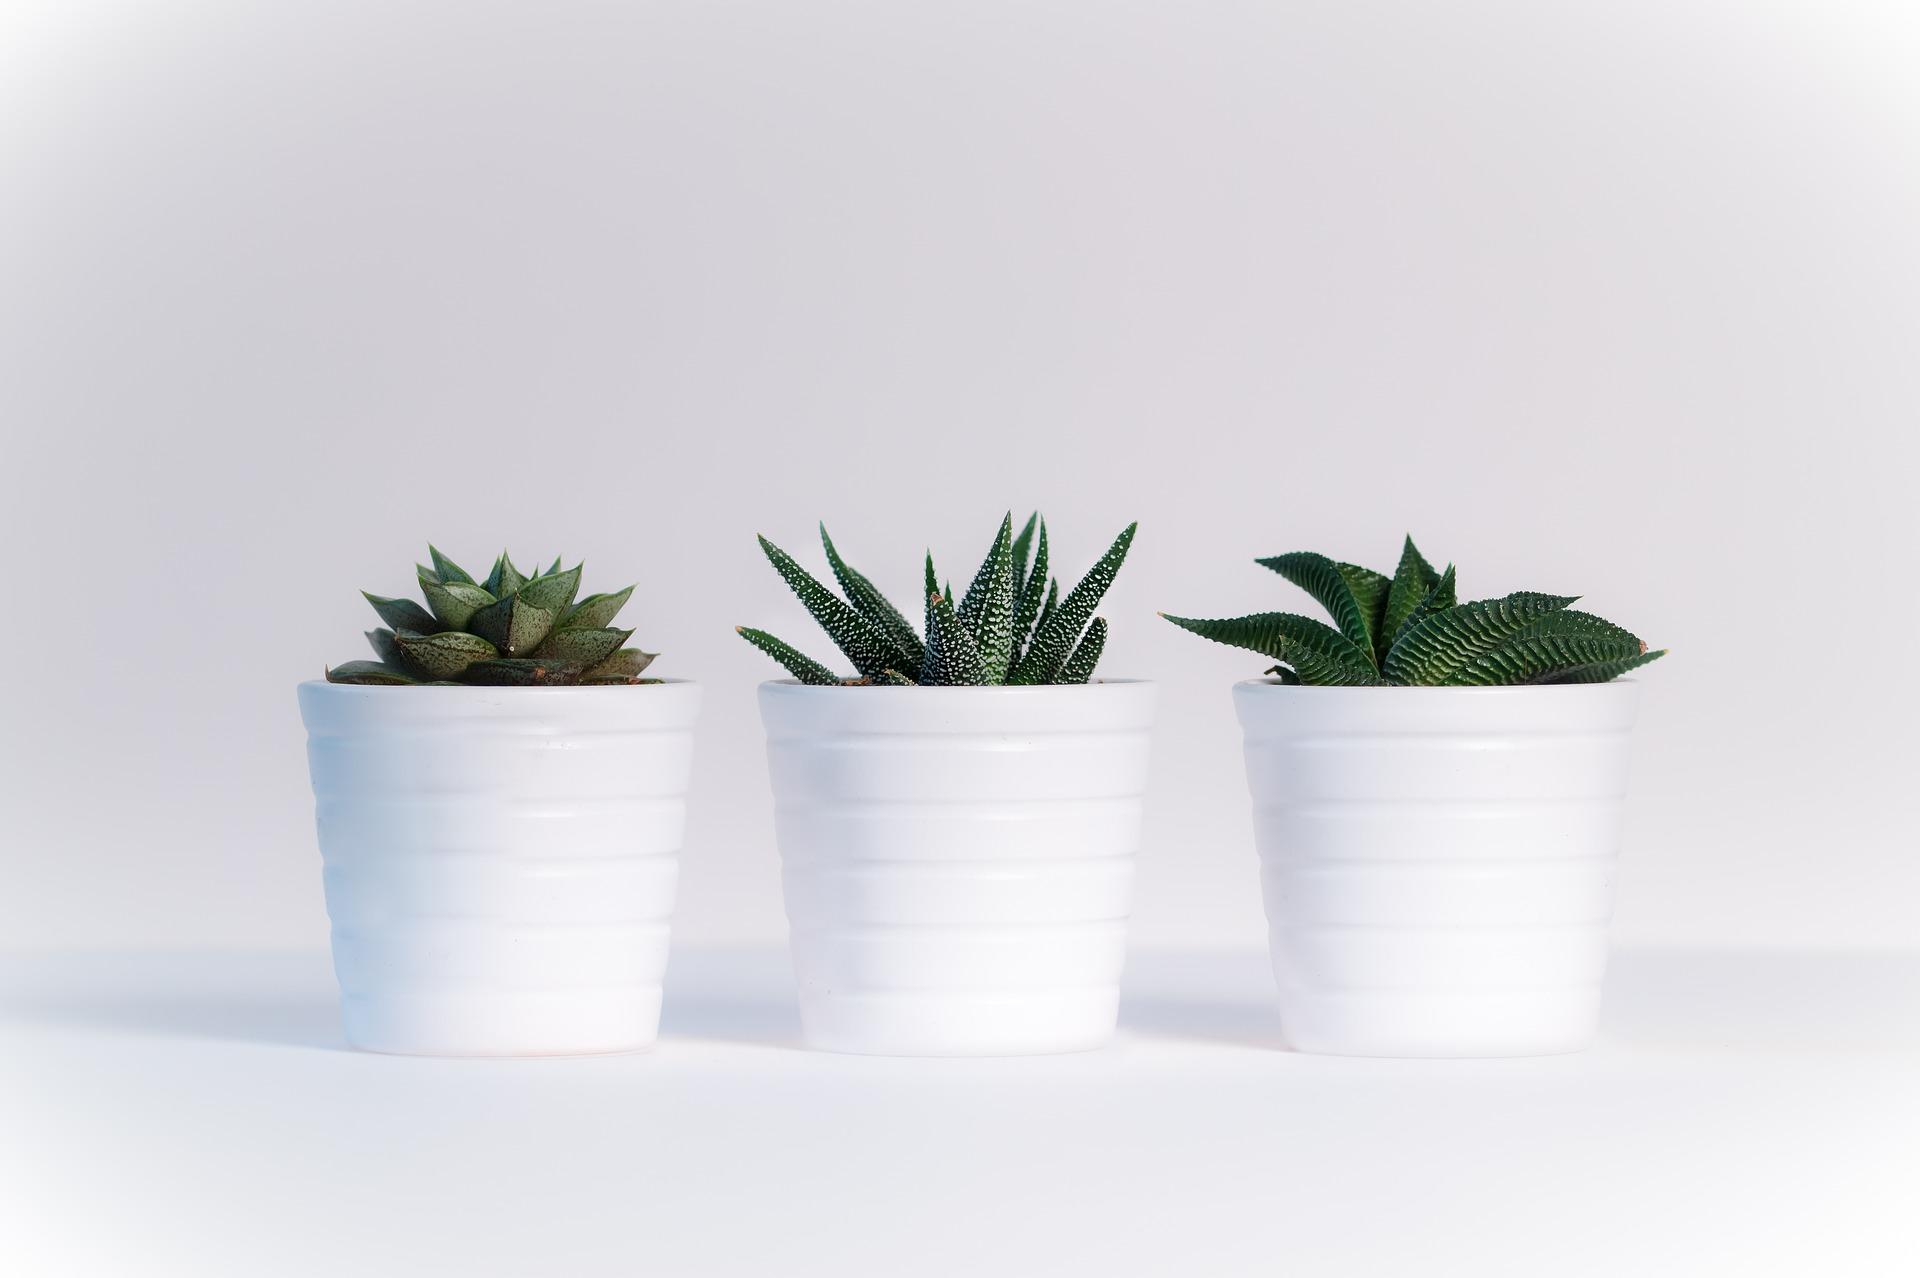 растения суккуленты в кашпо